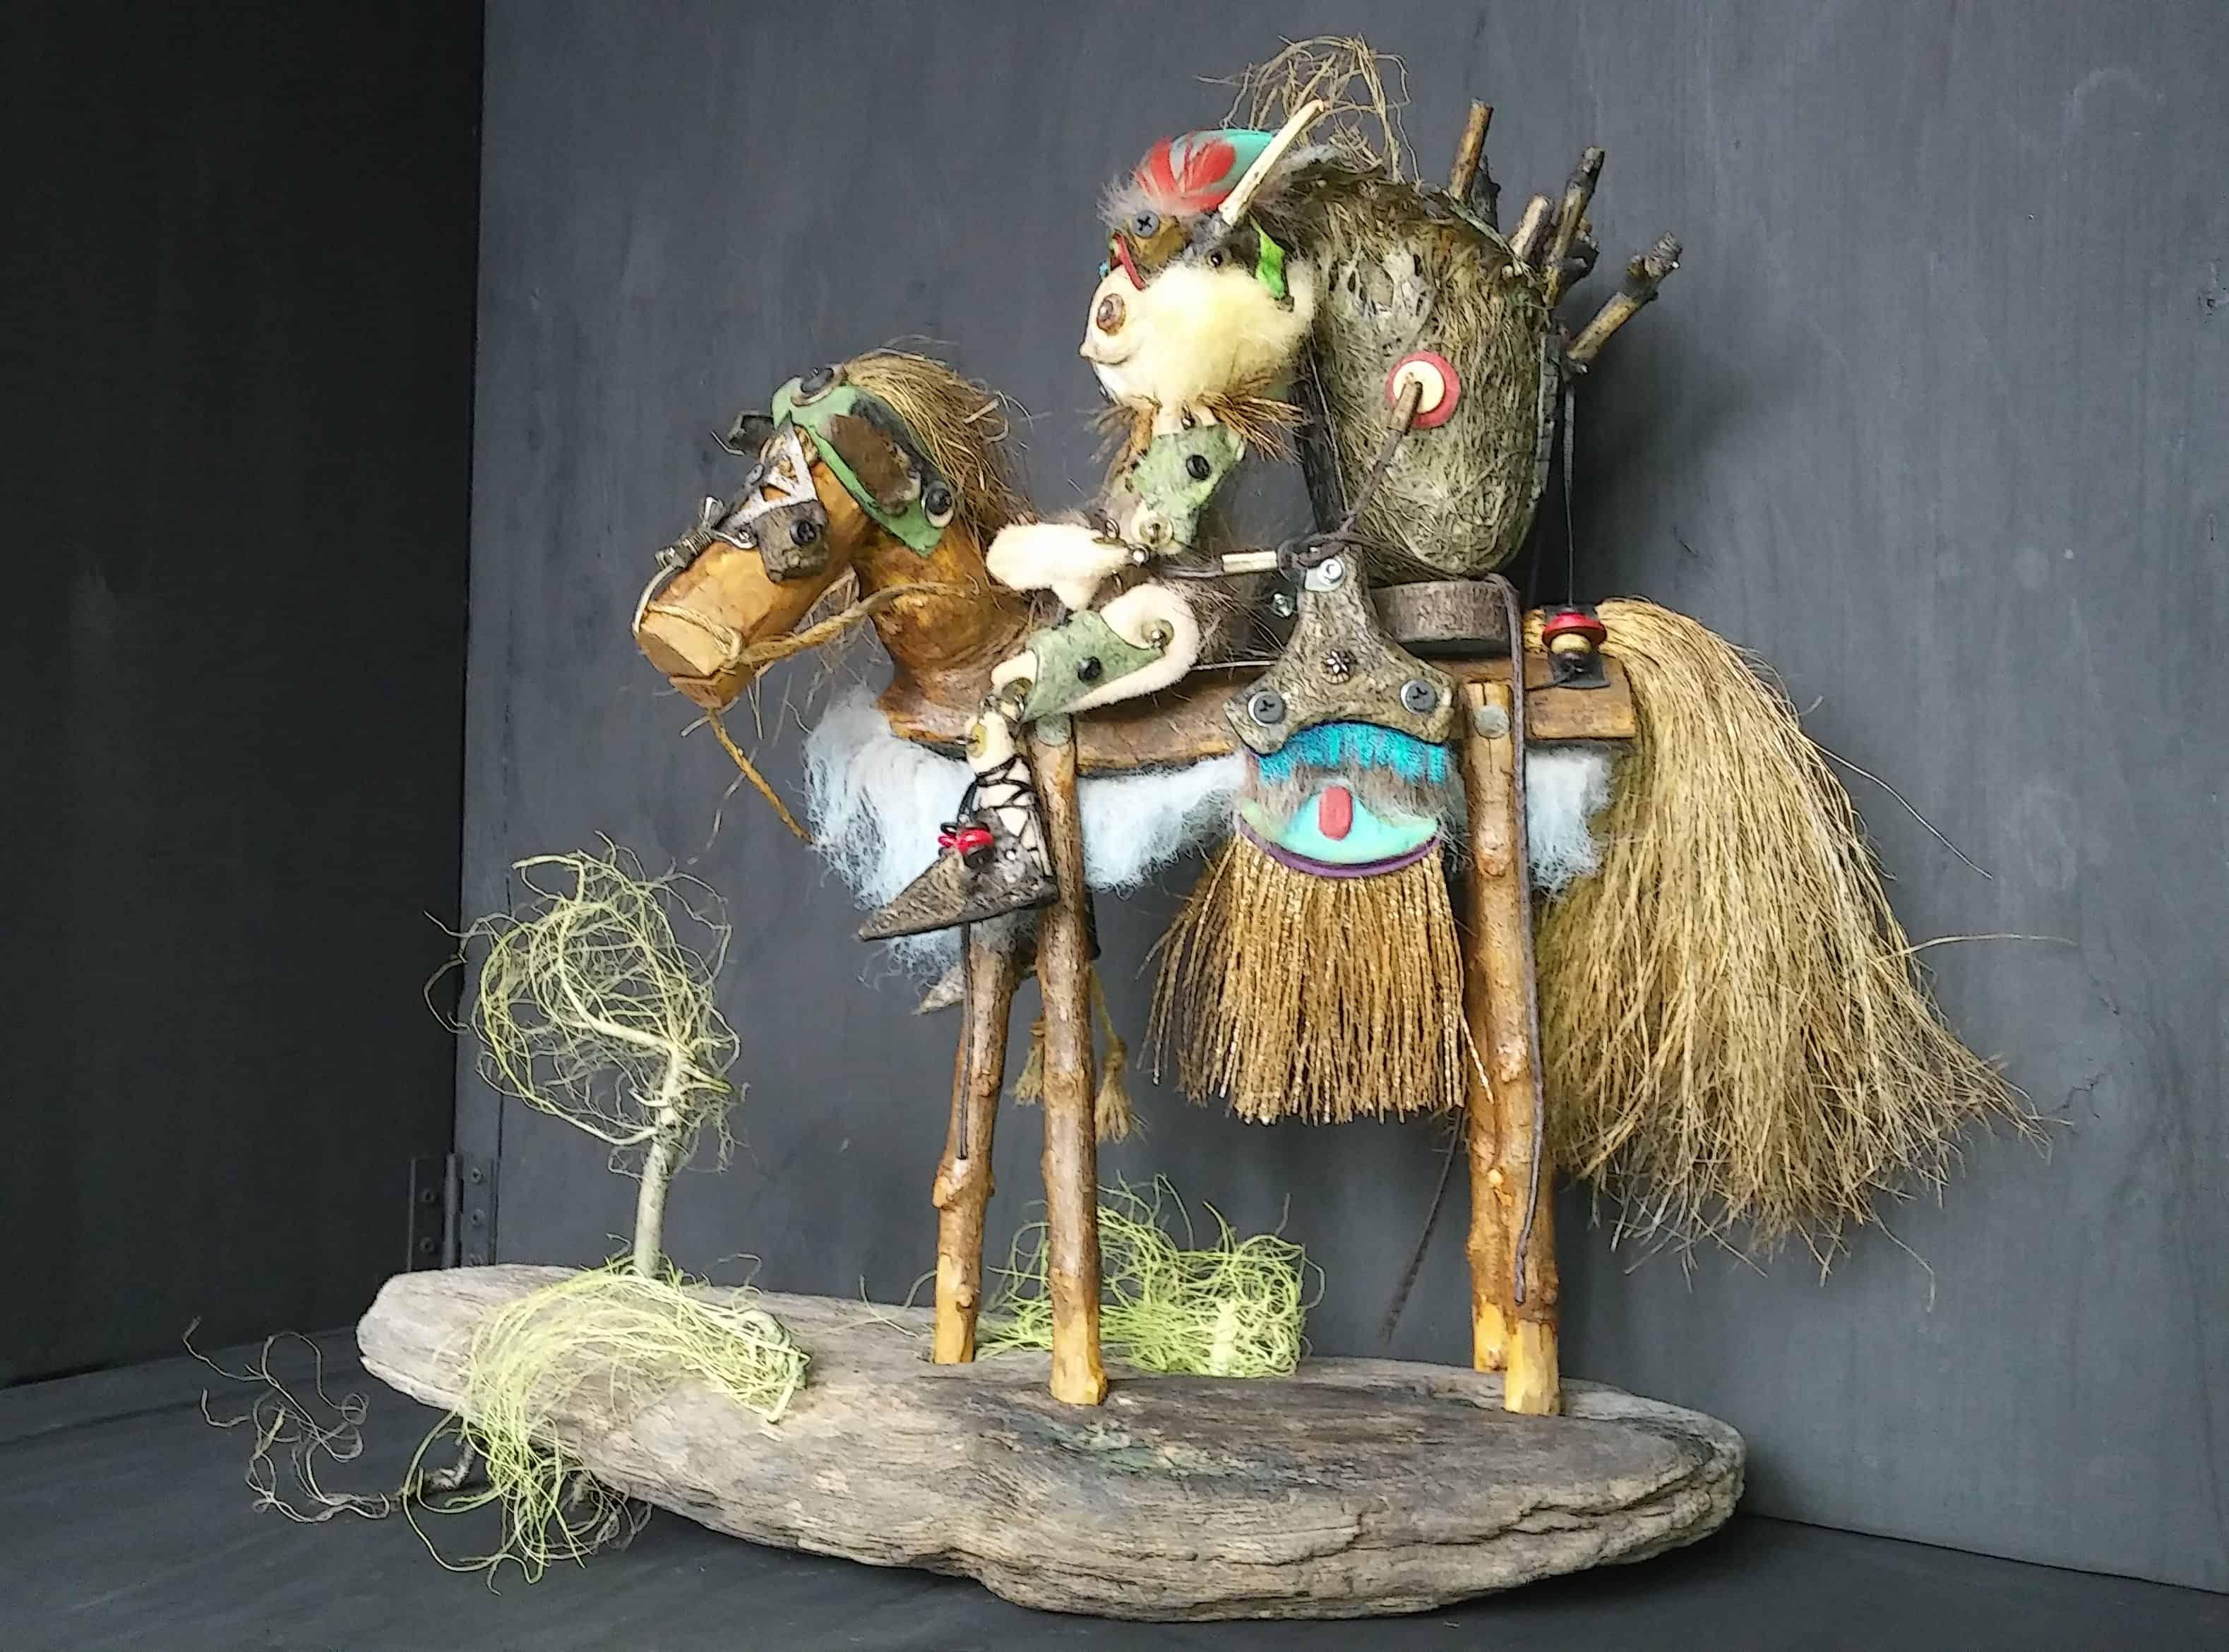 Biscornu: Recycled Art Sculpture • Recyclart